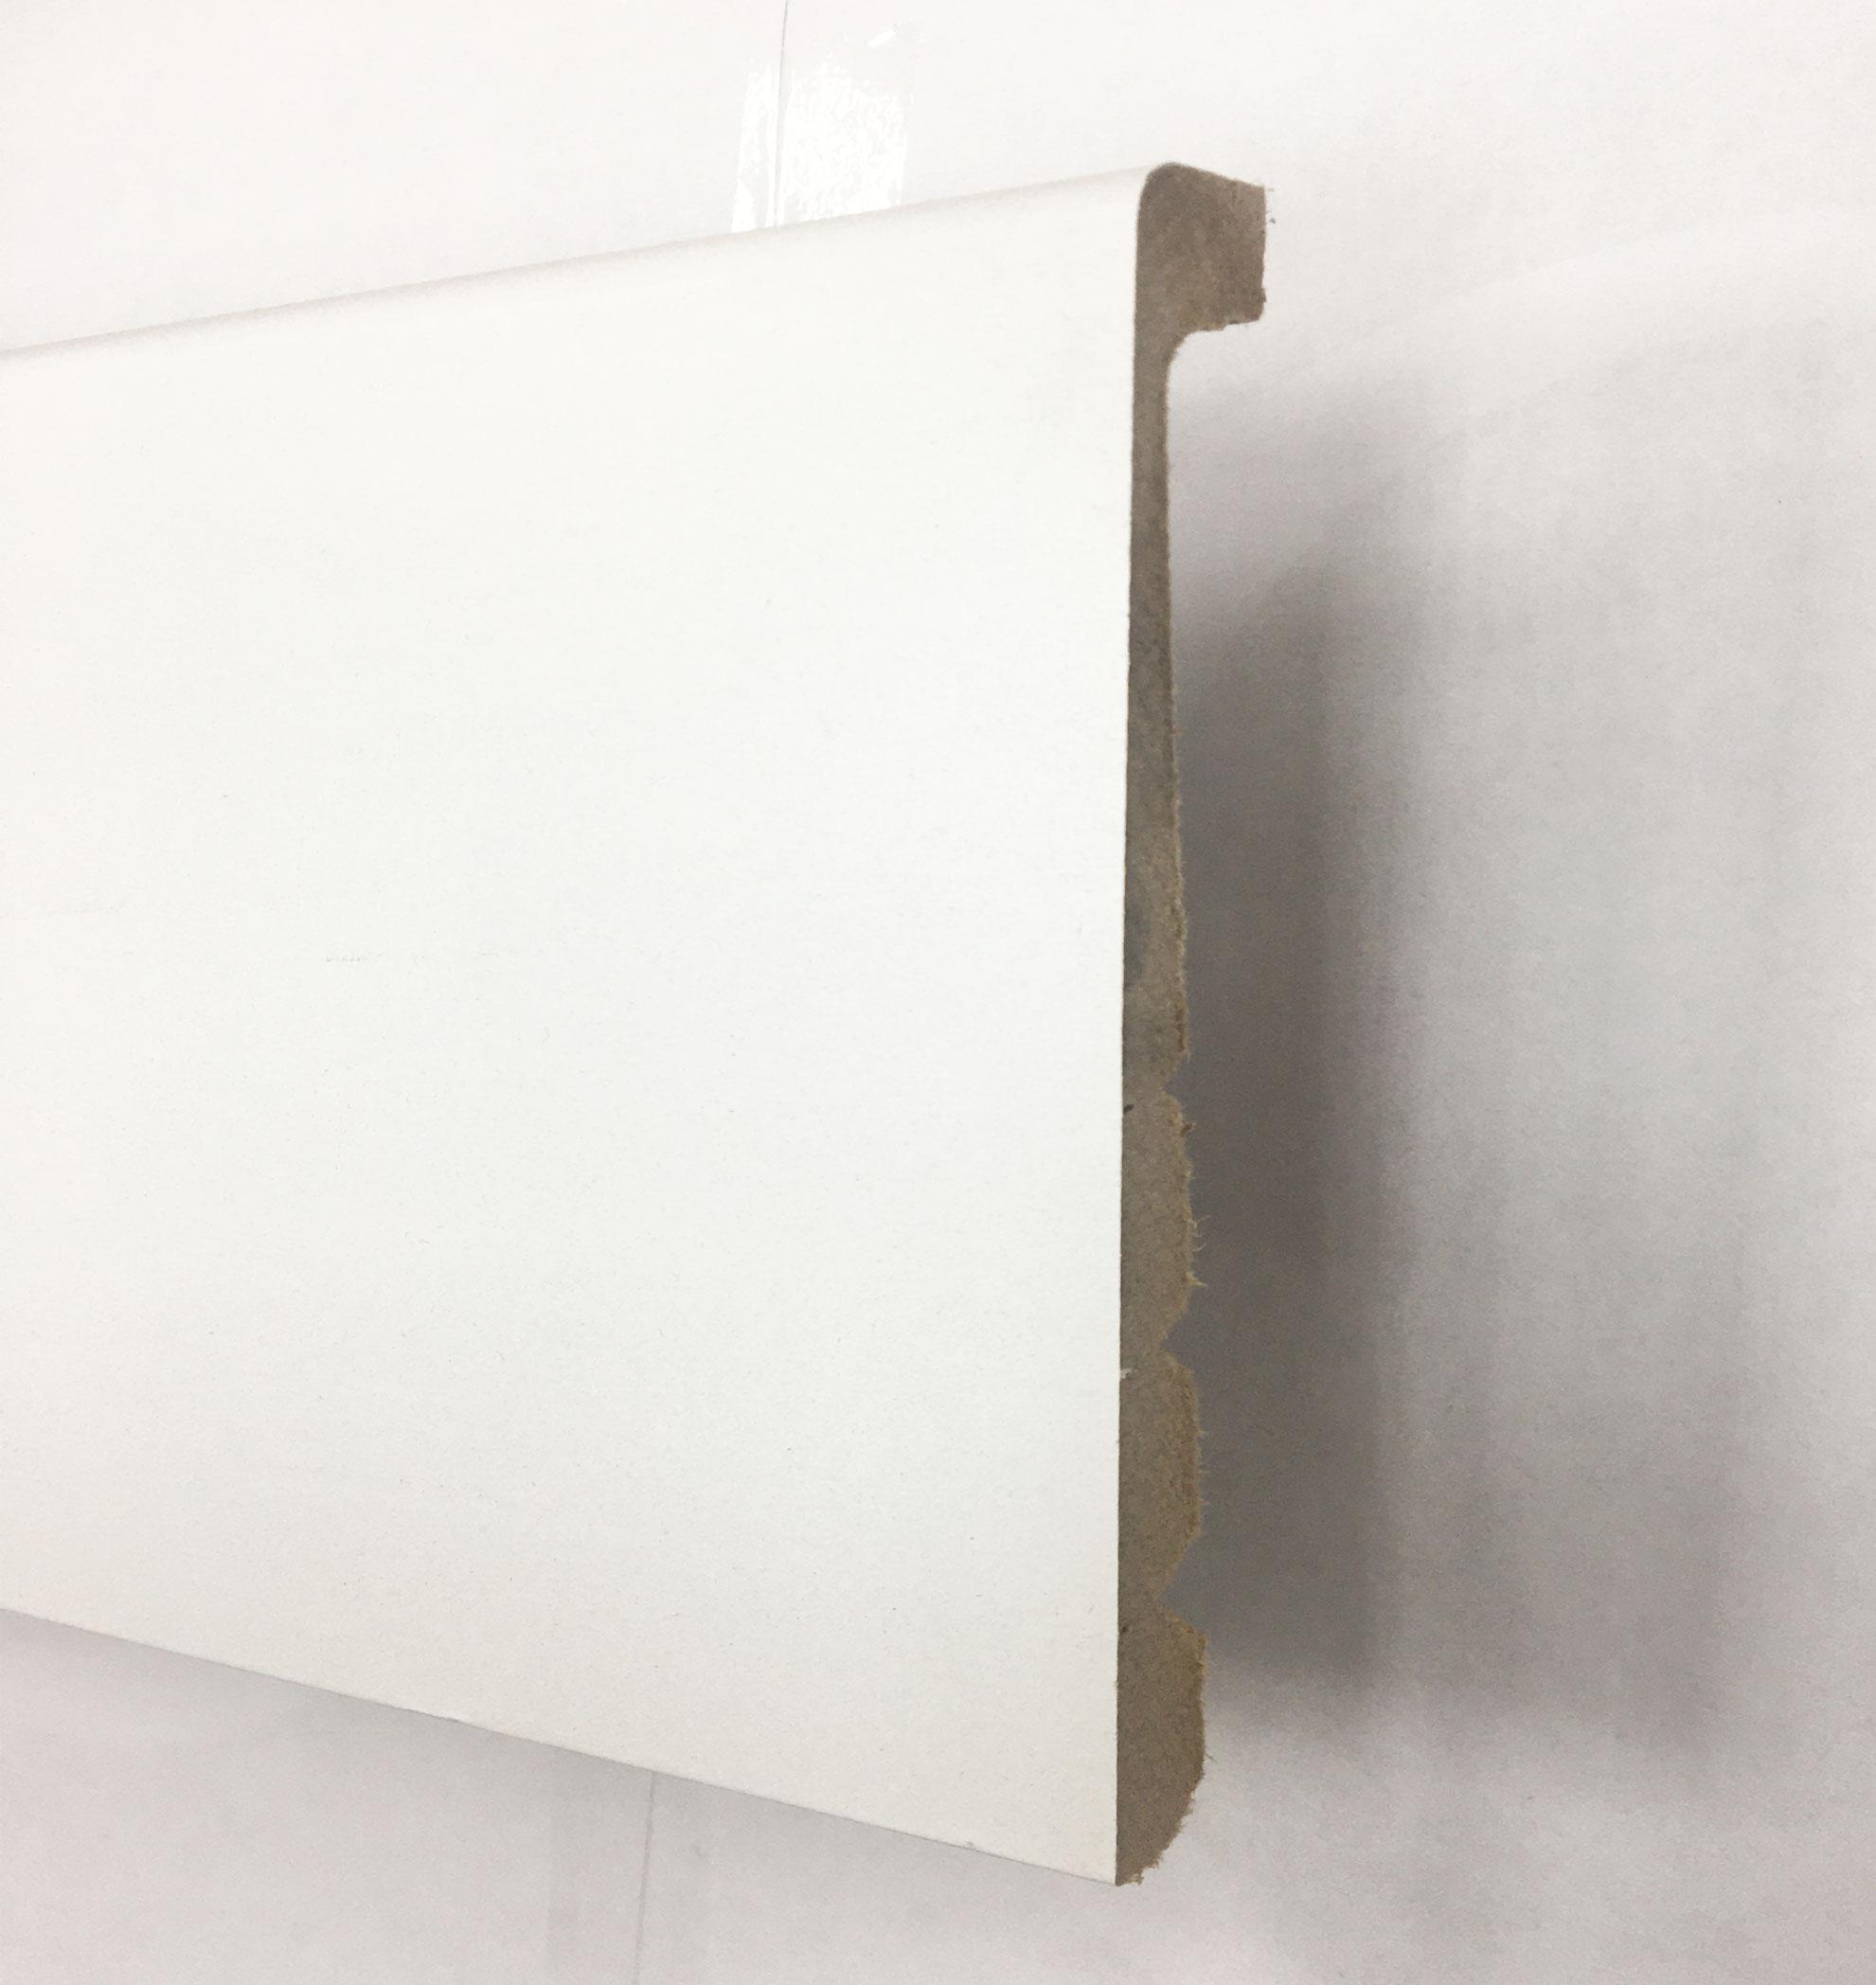 Contre plinthe rÉnovation - Découvrez les accessoires indispensables pour une pose facile de votre parquet massif, flottant